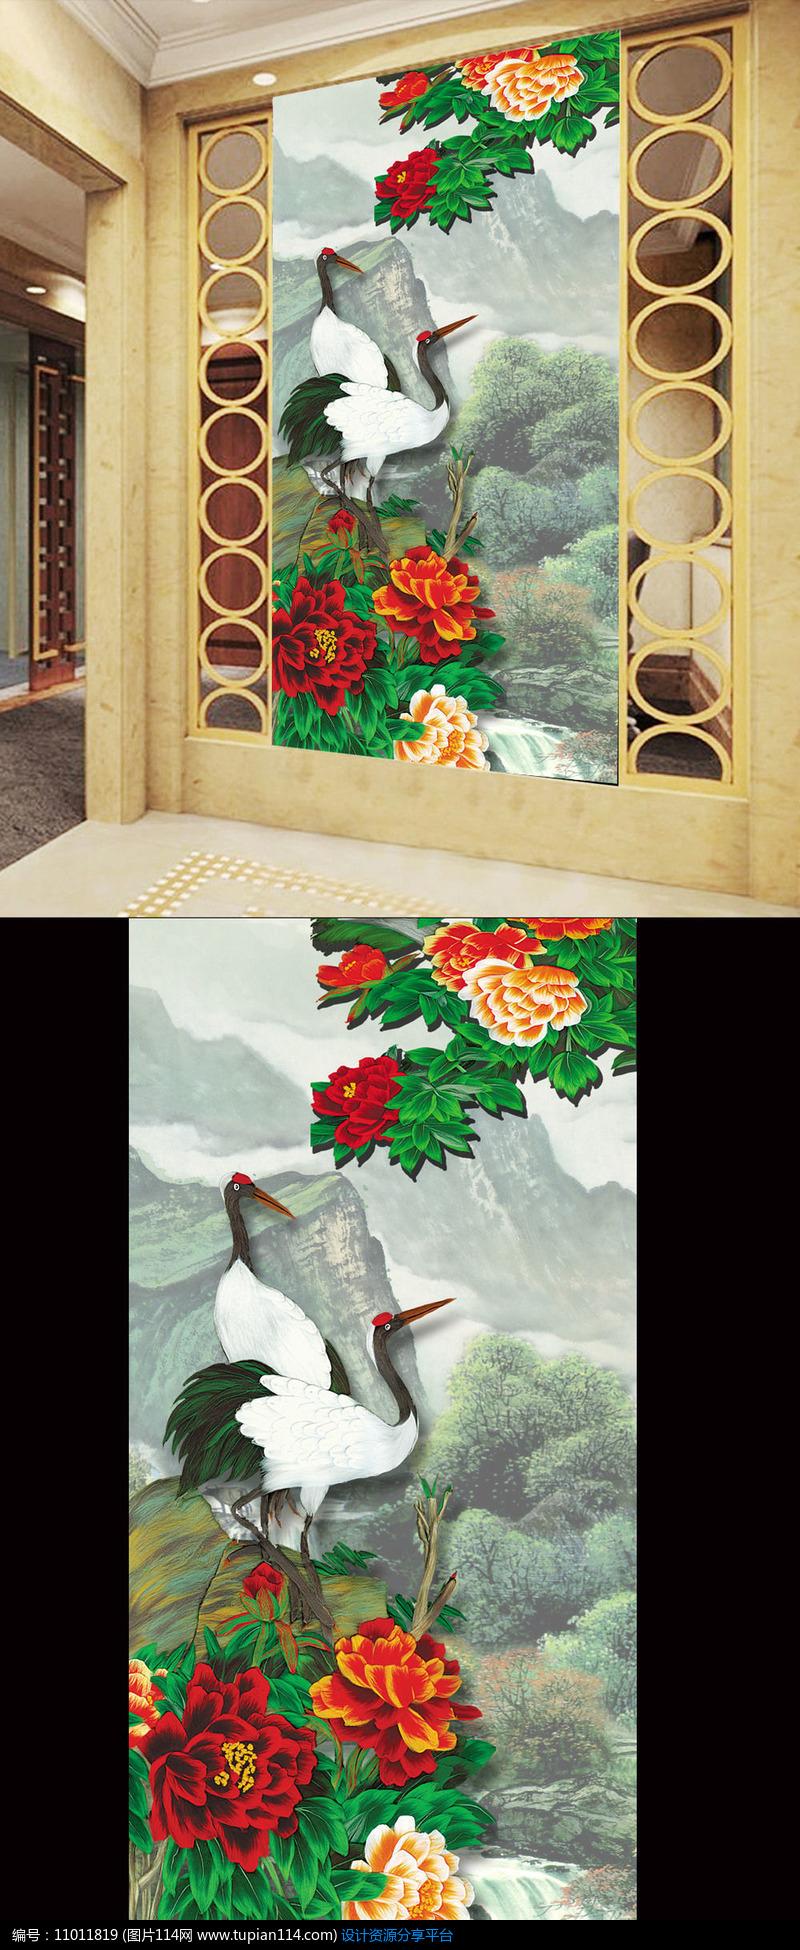 [原创] 国画仙鹤图山水画玄关壁画